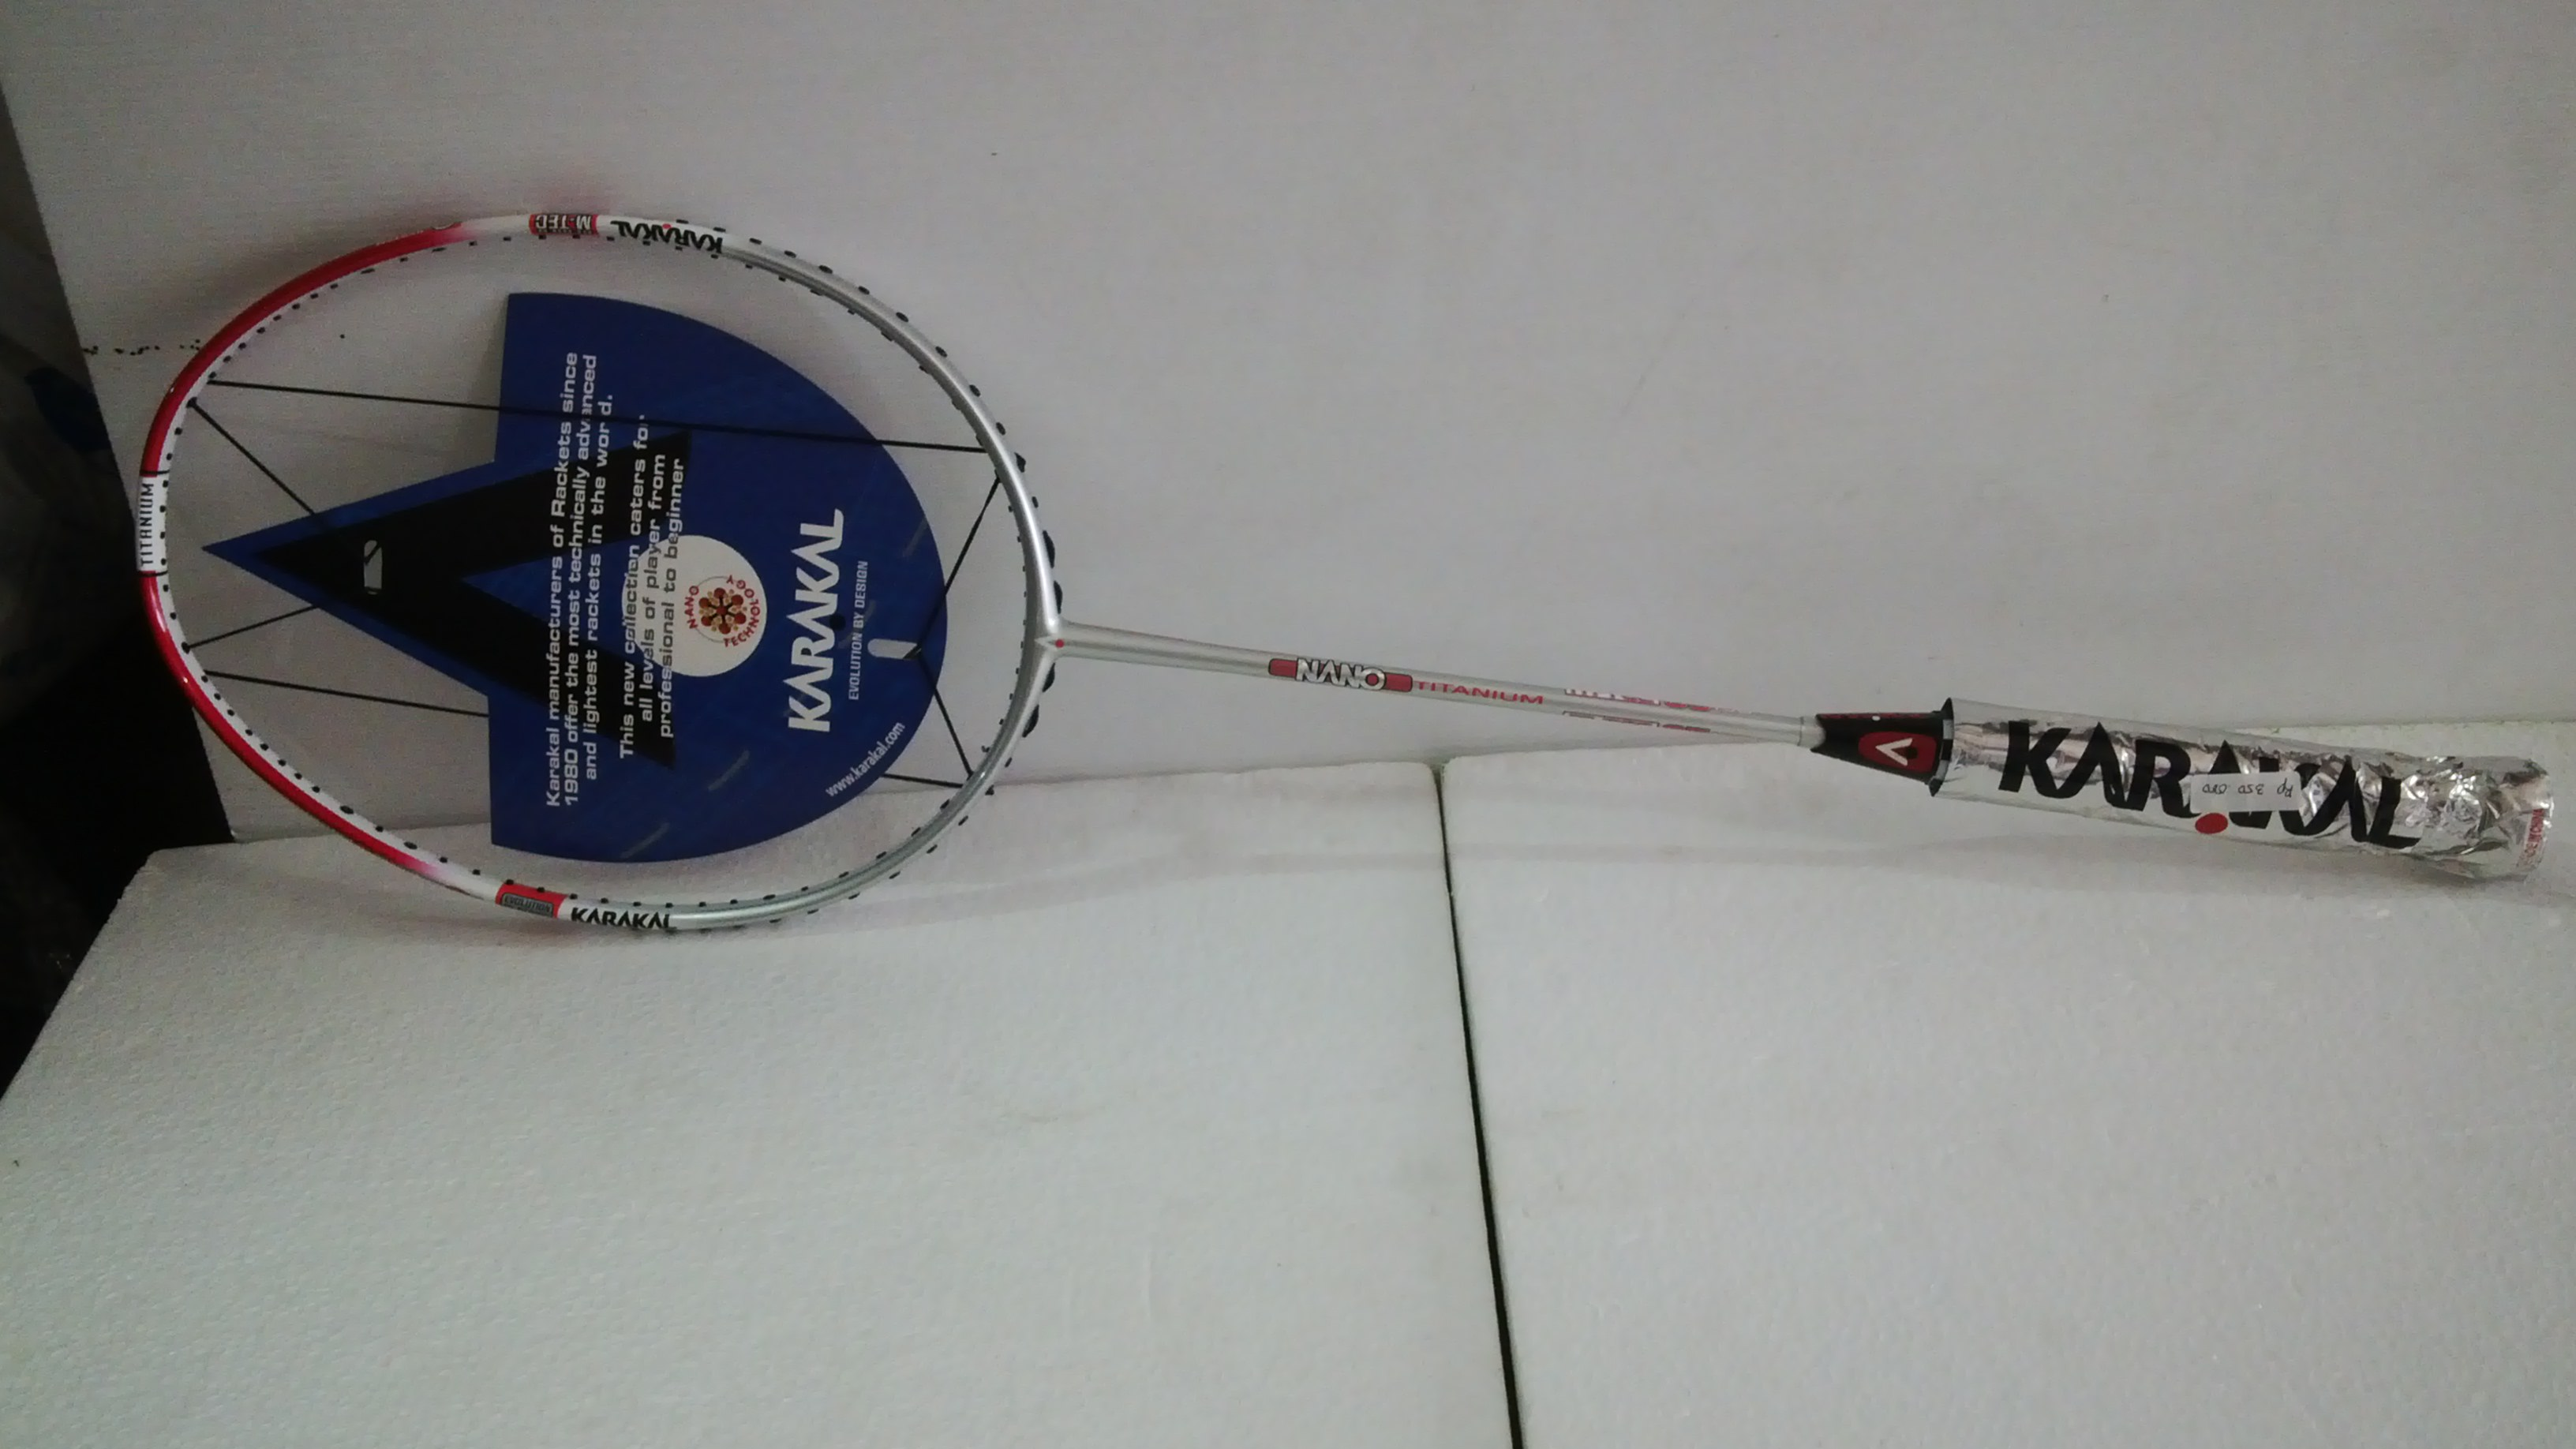 47 Harga Raket Badminton Yonex Titanium Morris Bulutangkis Jual Olahraga